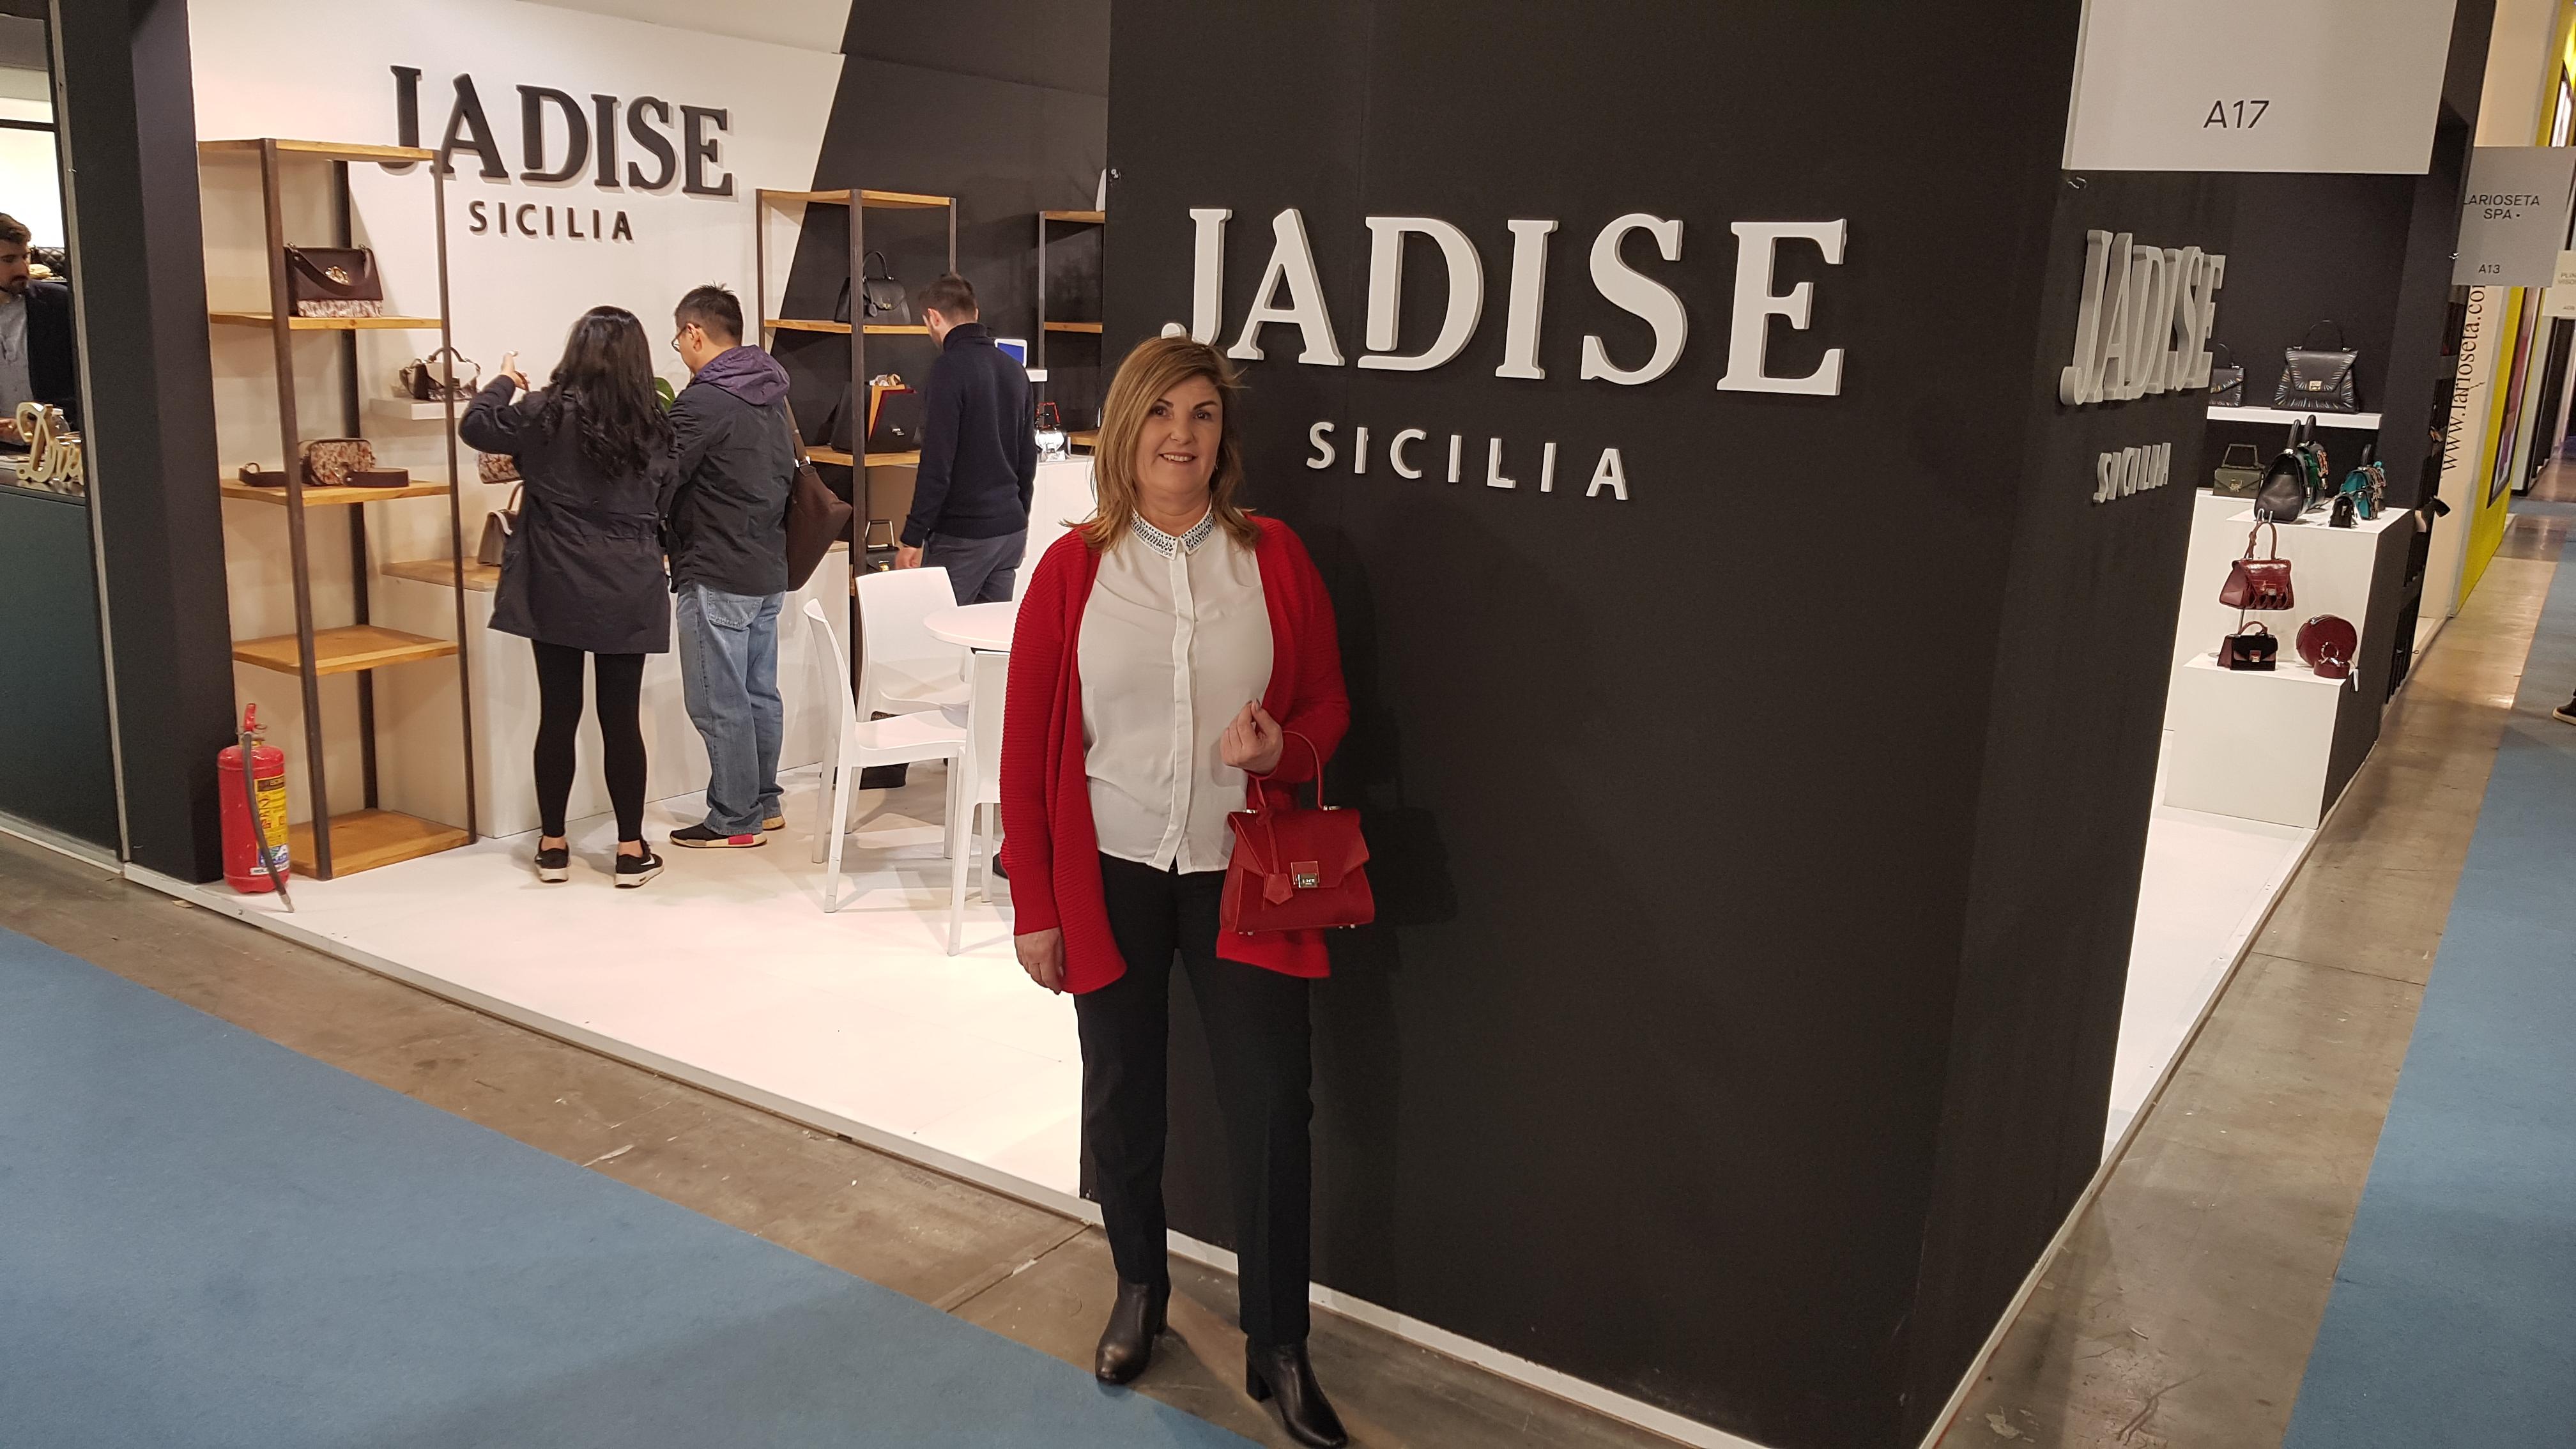 Milano_Jadise